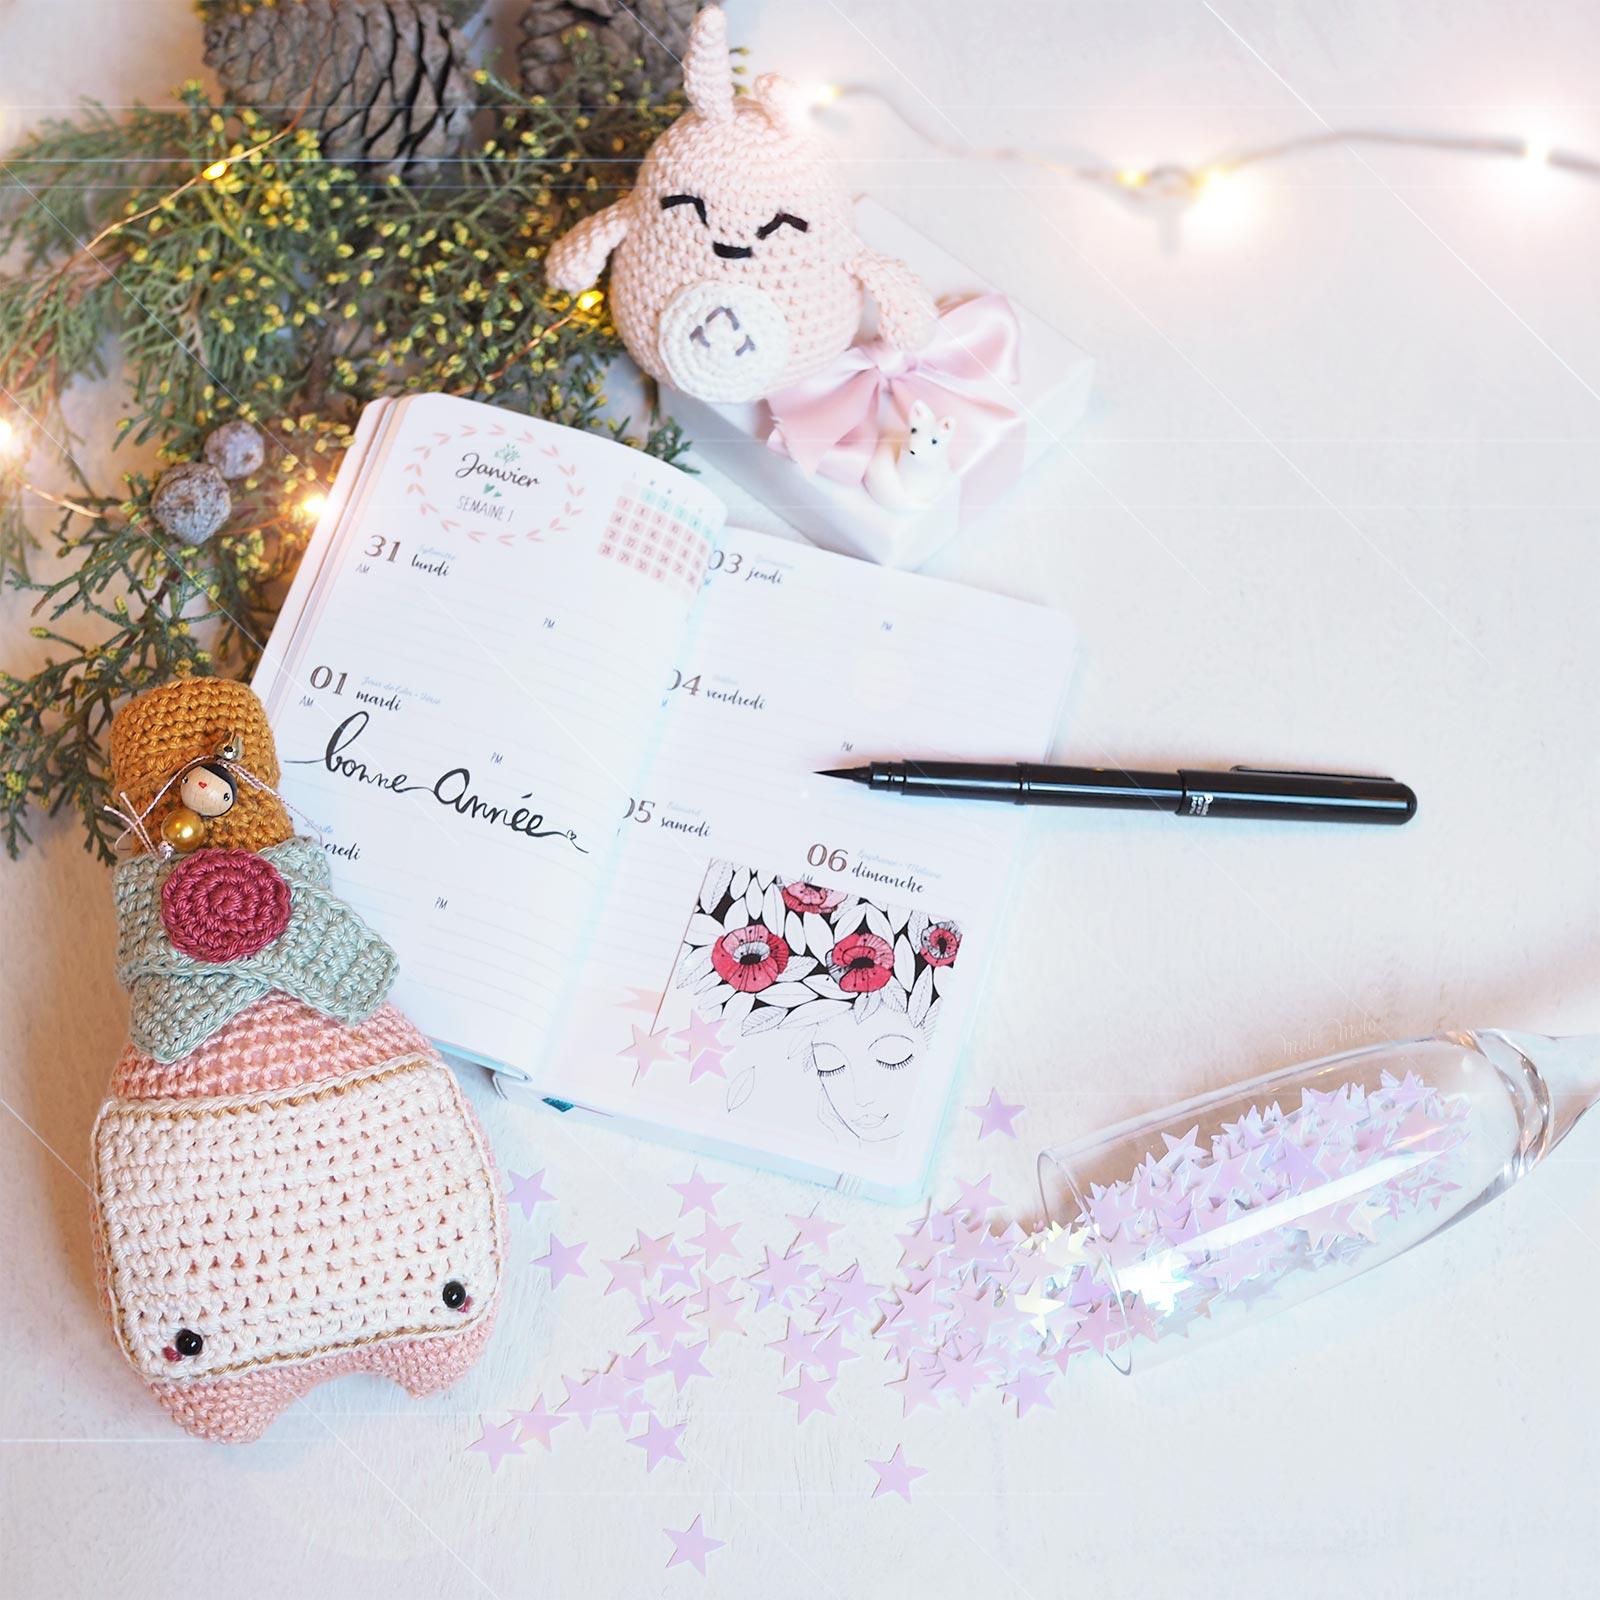 bonne année voeux 2019 crochet Totoro champagne chloé mignonneries émotion saisons Les Pois Plumes  laboutiquedemelimelo